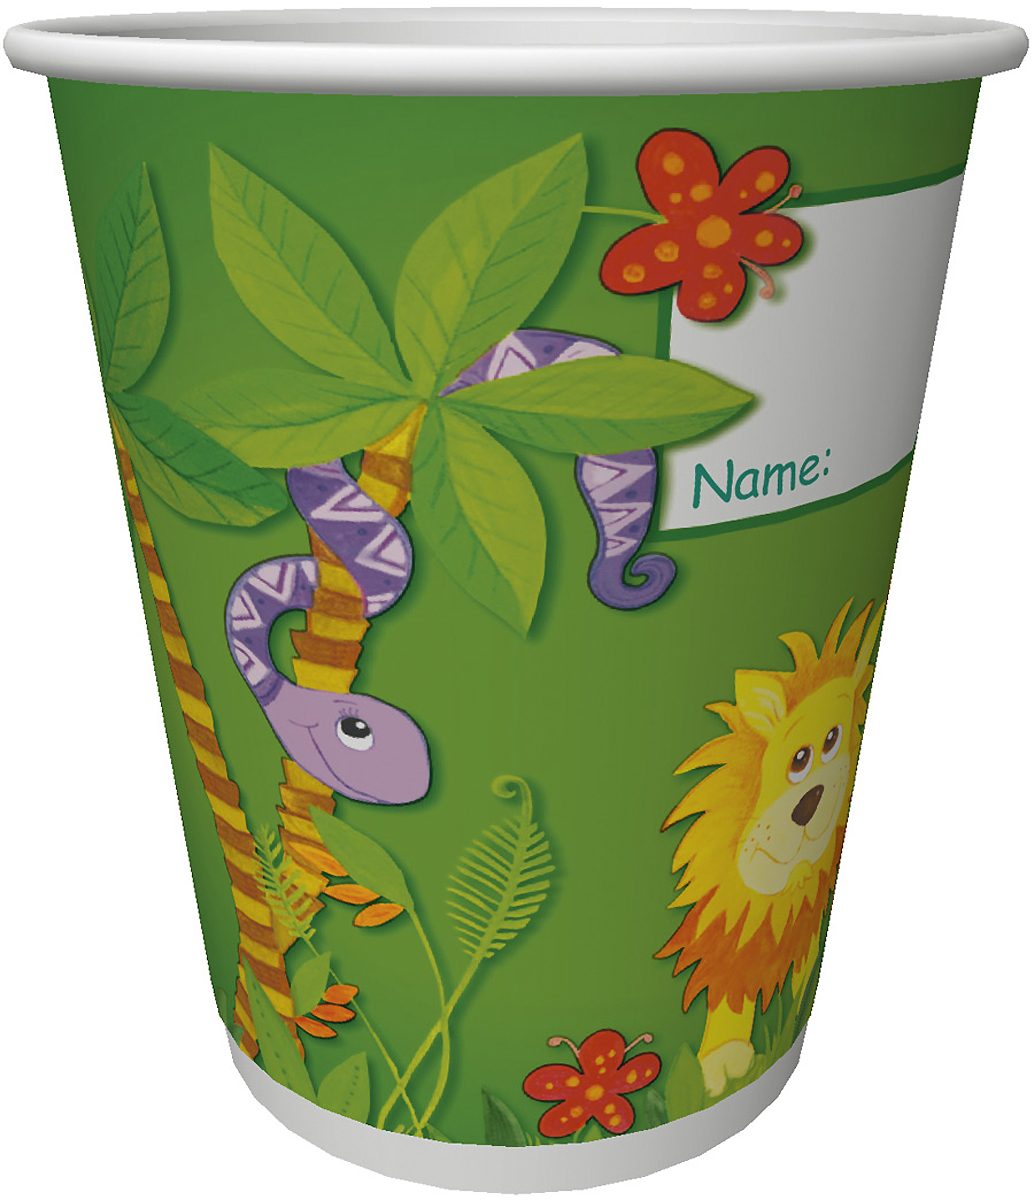 Набор пластиковых стаканов Duni Джунгли, 200 мл, 10 шт170725Одноразовые бумажные стаканы Duni прекрасно подойдут для любого мероприятия, например для детских праздников, семейный пикников. Стаканы изготовлены из ламинированной плотной бумаги. Предназначены для подачи холодных и горячих напитков. Стаканы прекрасно держат свою первоначальную форму не смотря на высокую температуру напитков.